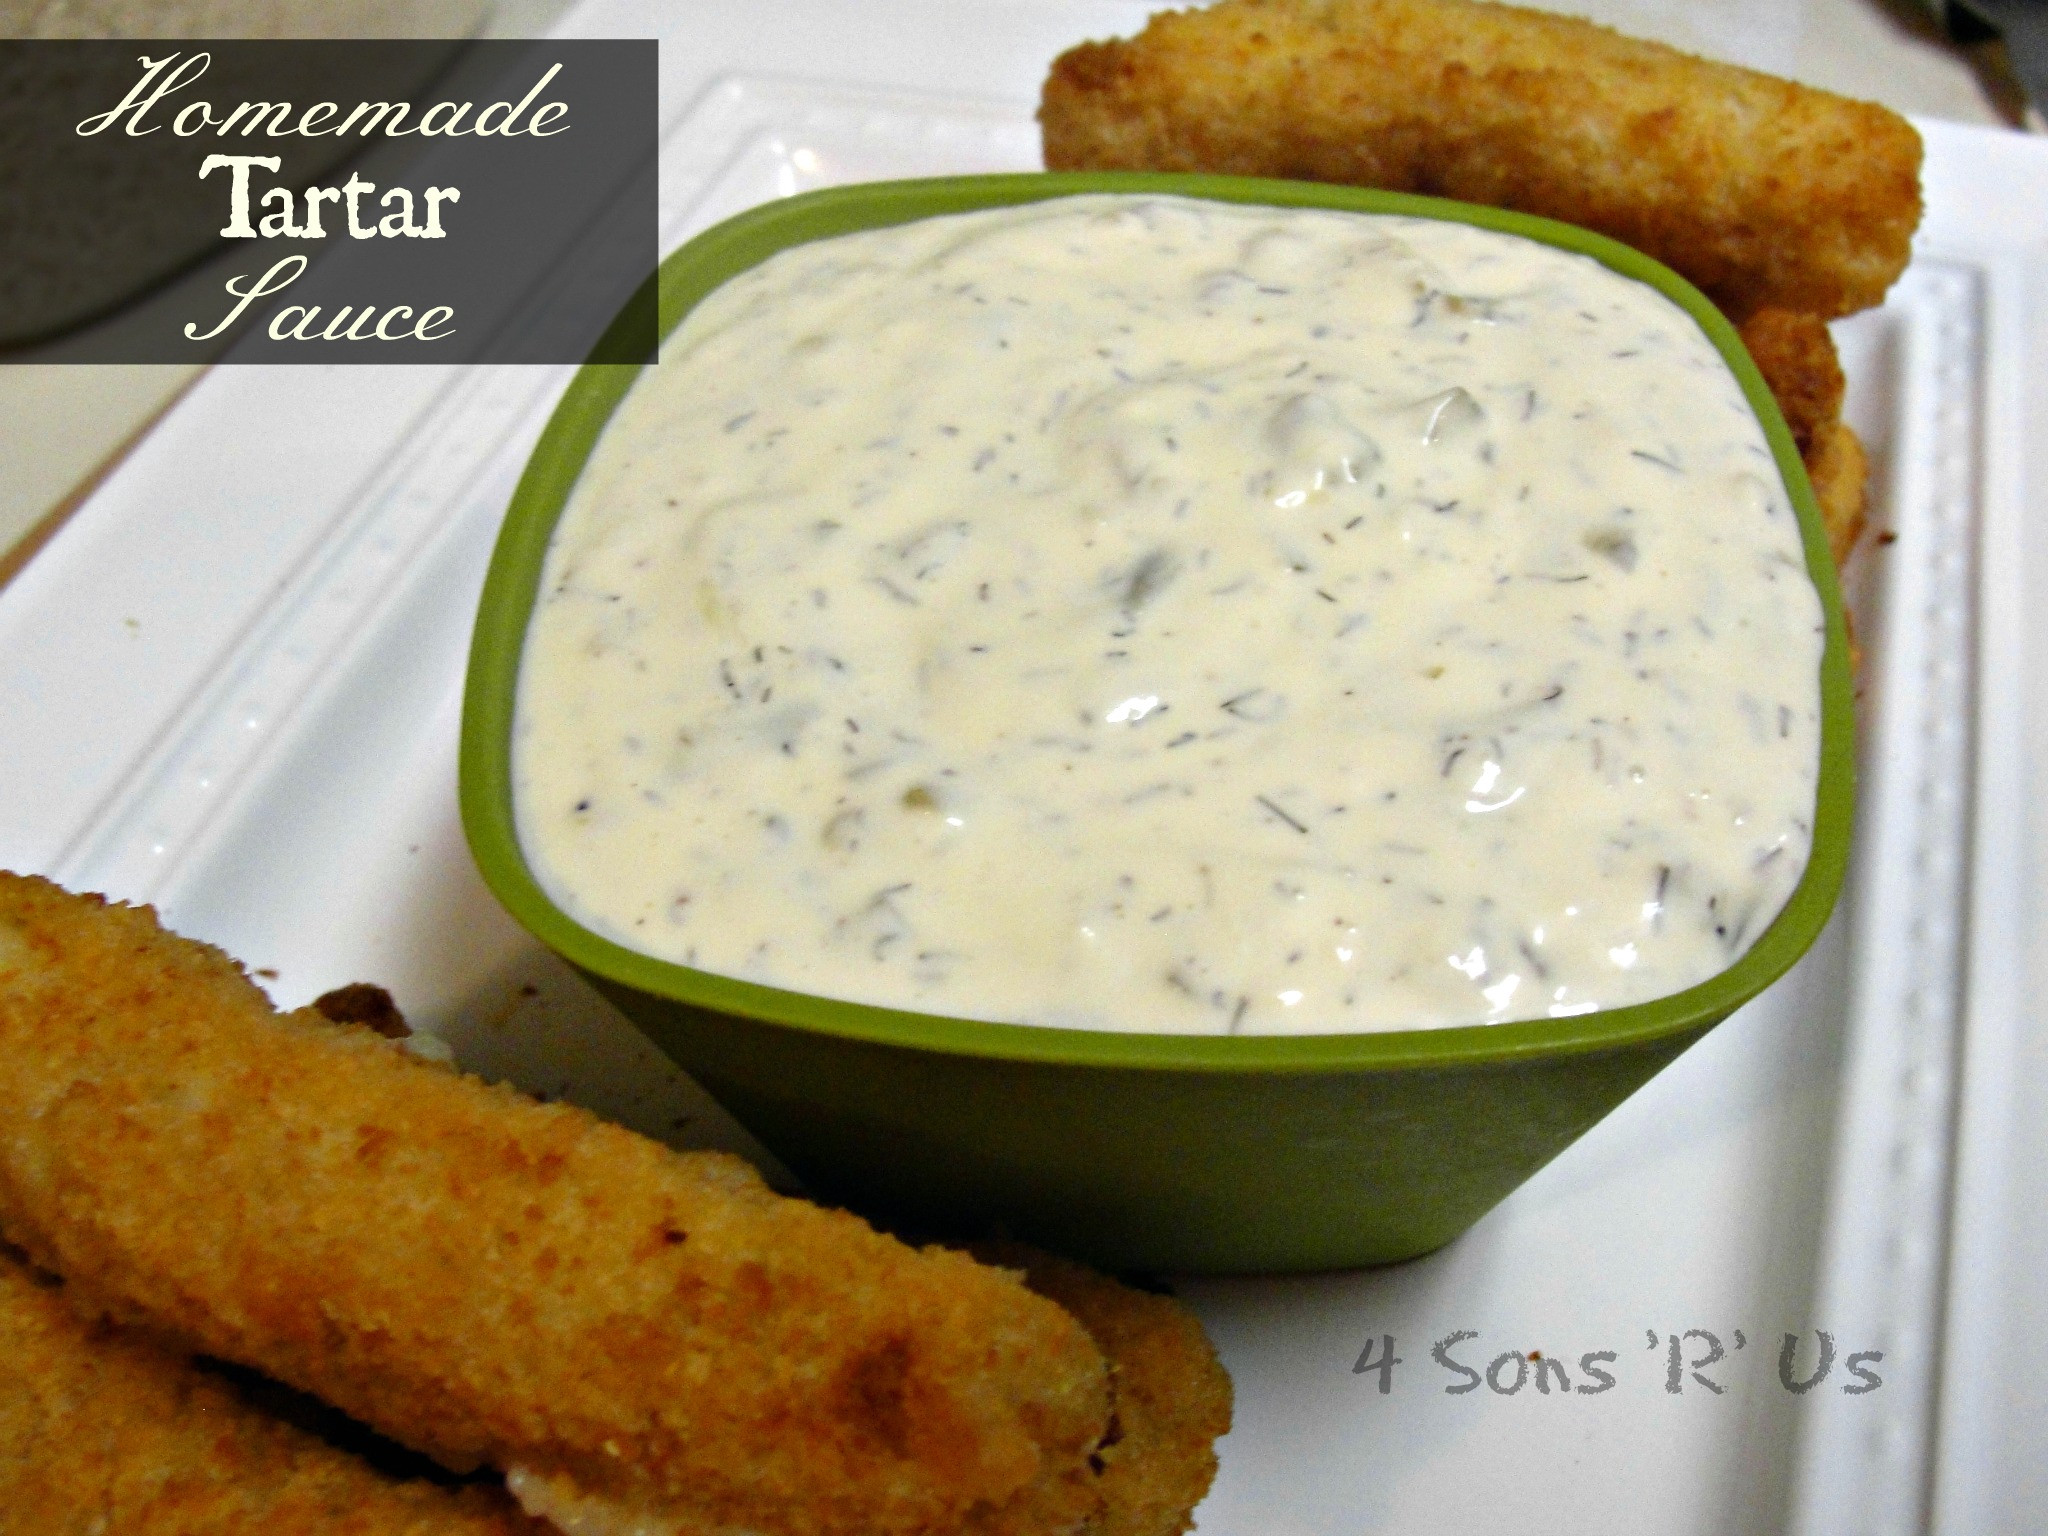 Best ideas about DIY Tartar Sauce . Save or Pin Homemade Tartar Sauce Now.